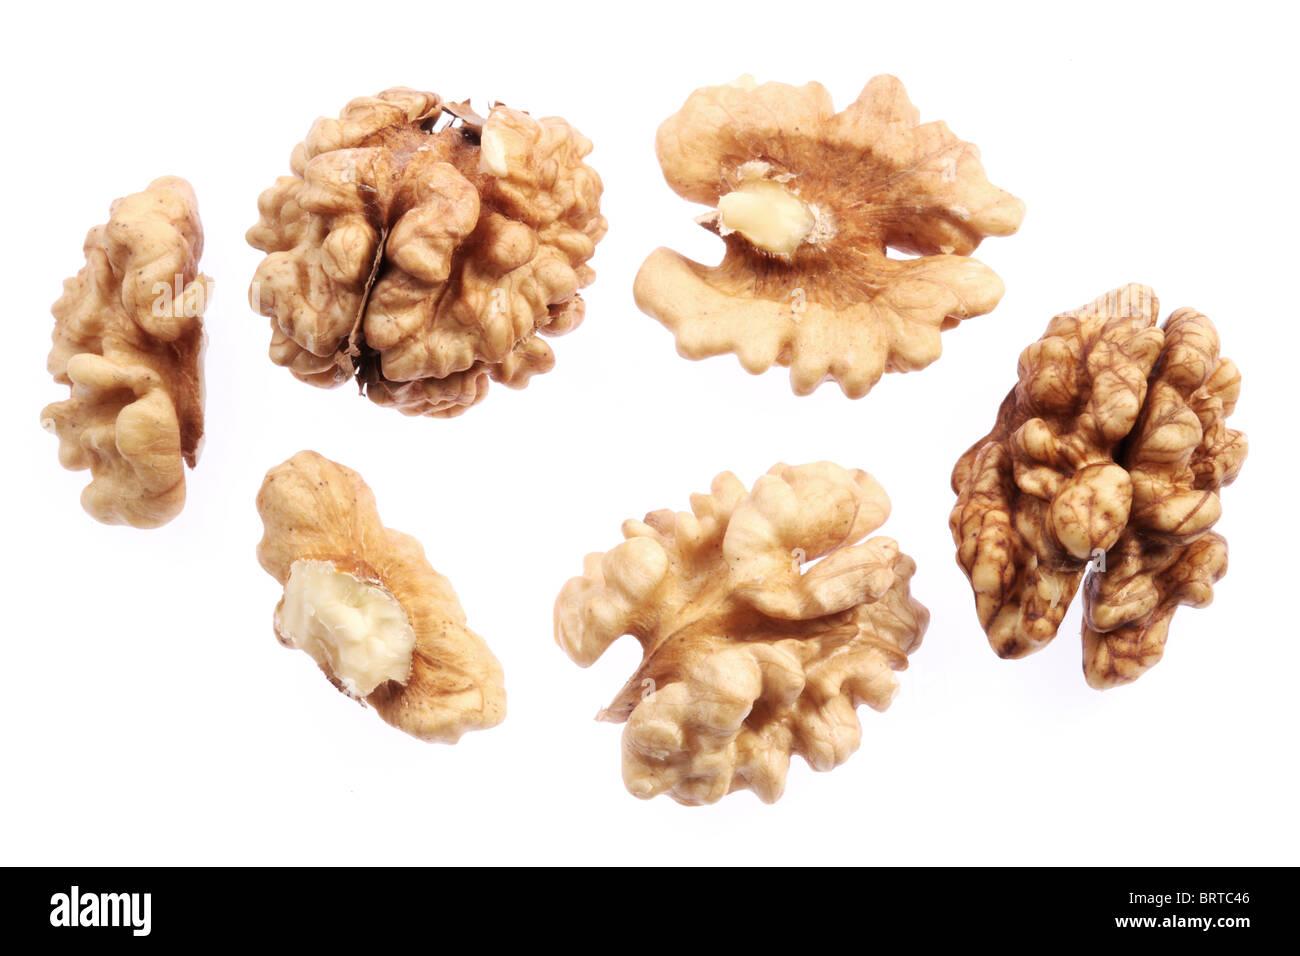 Walnut kernels isolated on a white background. - Stock Image